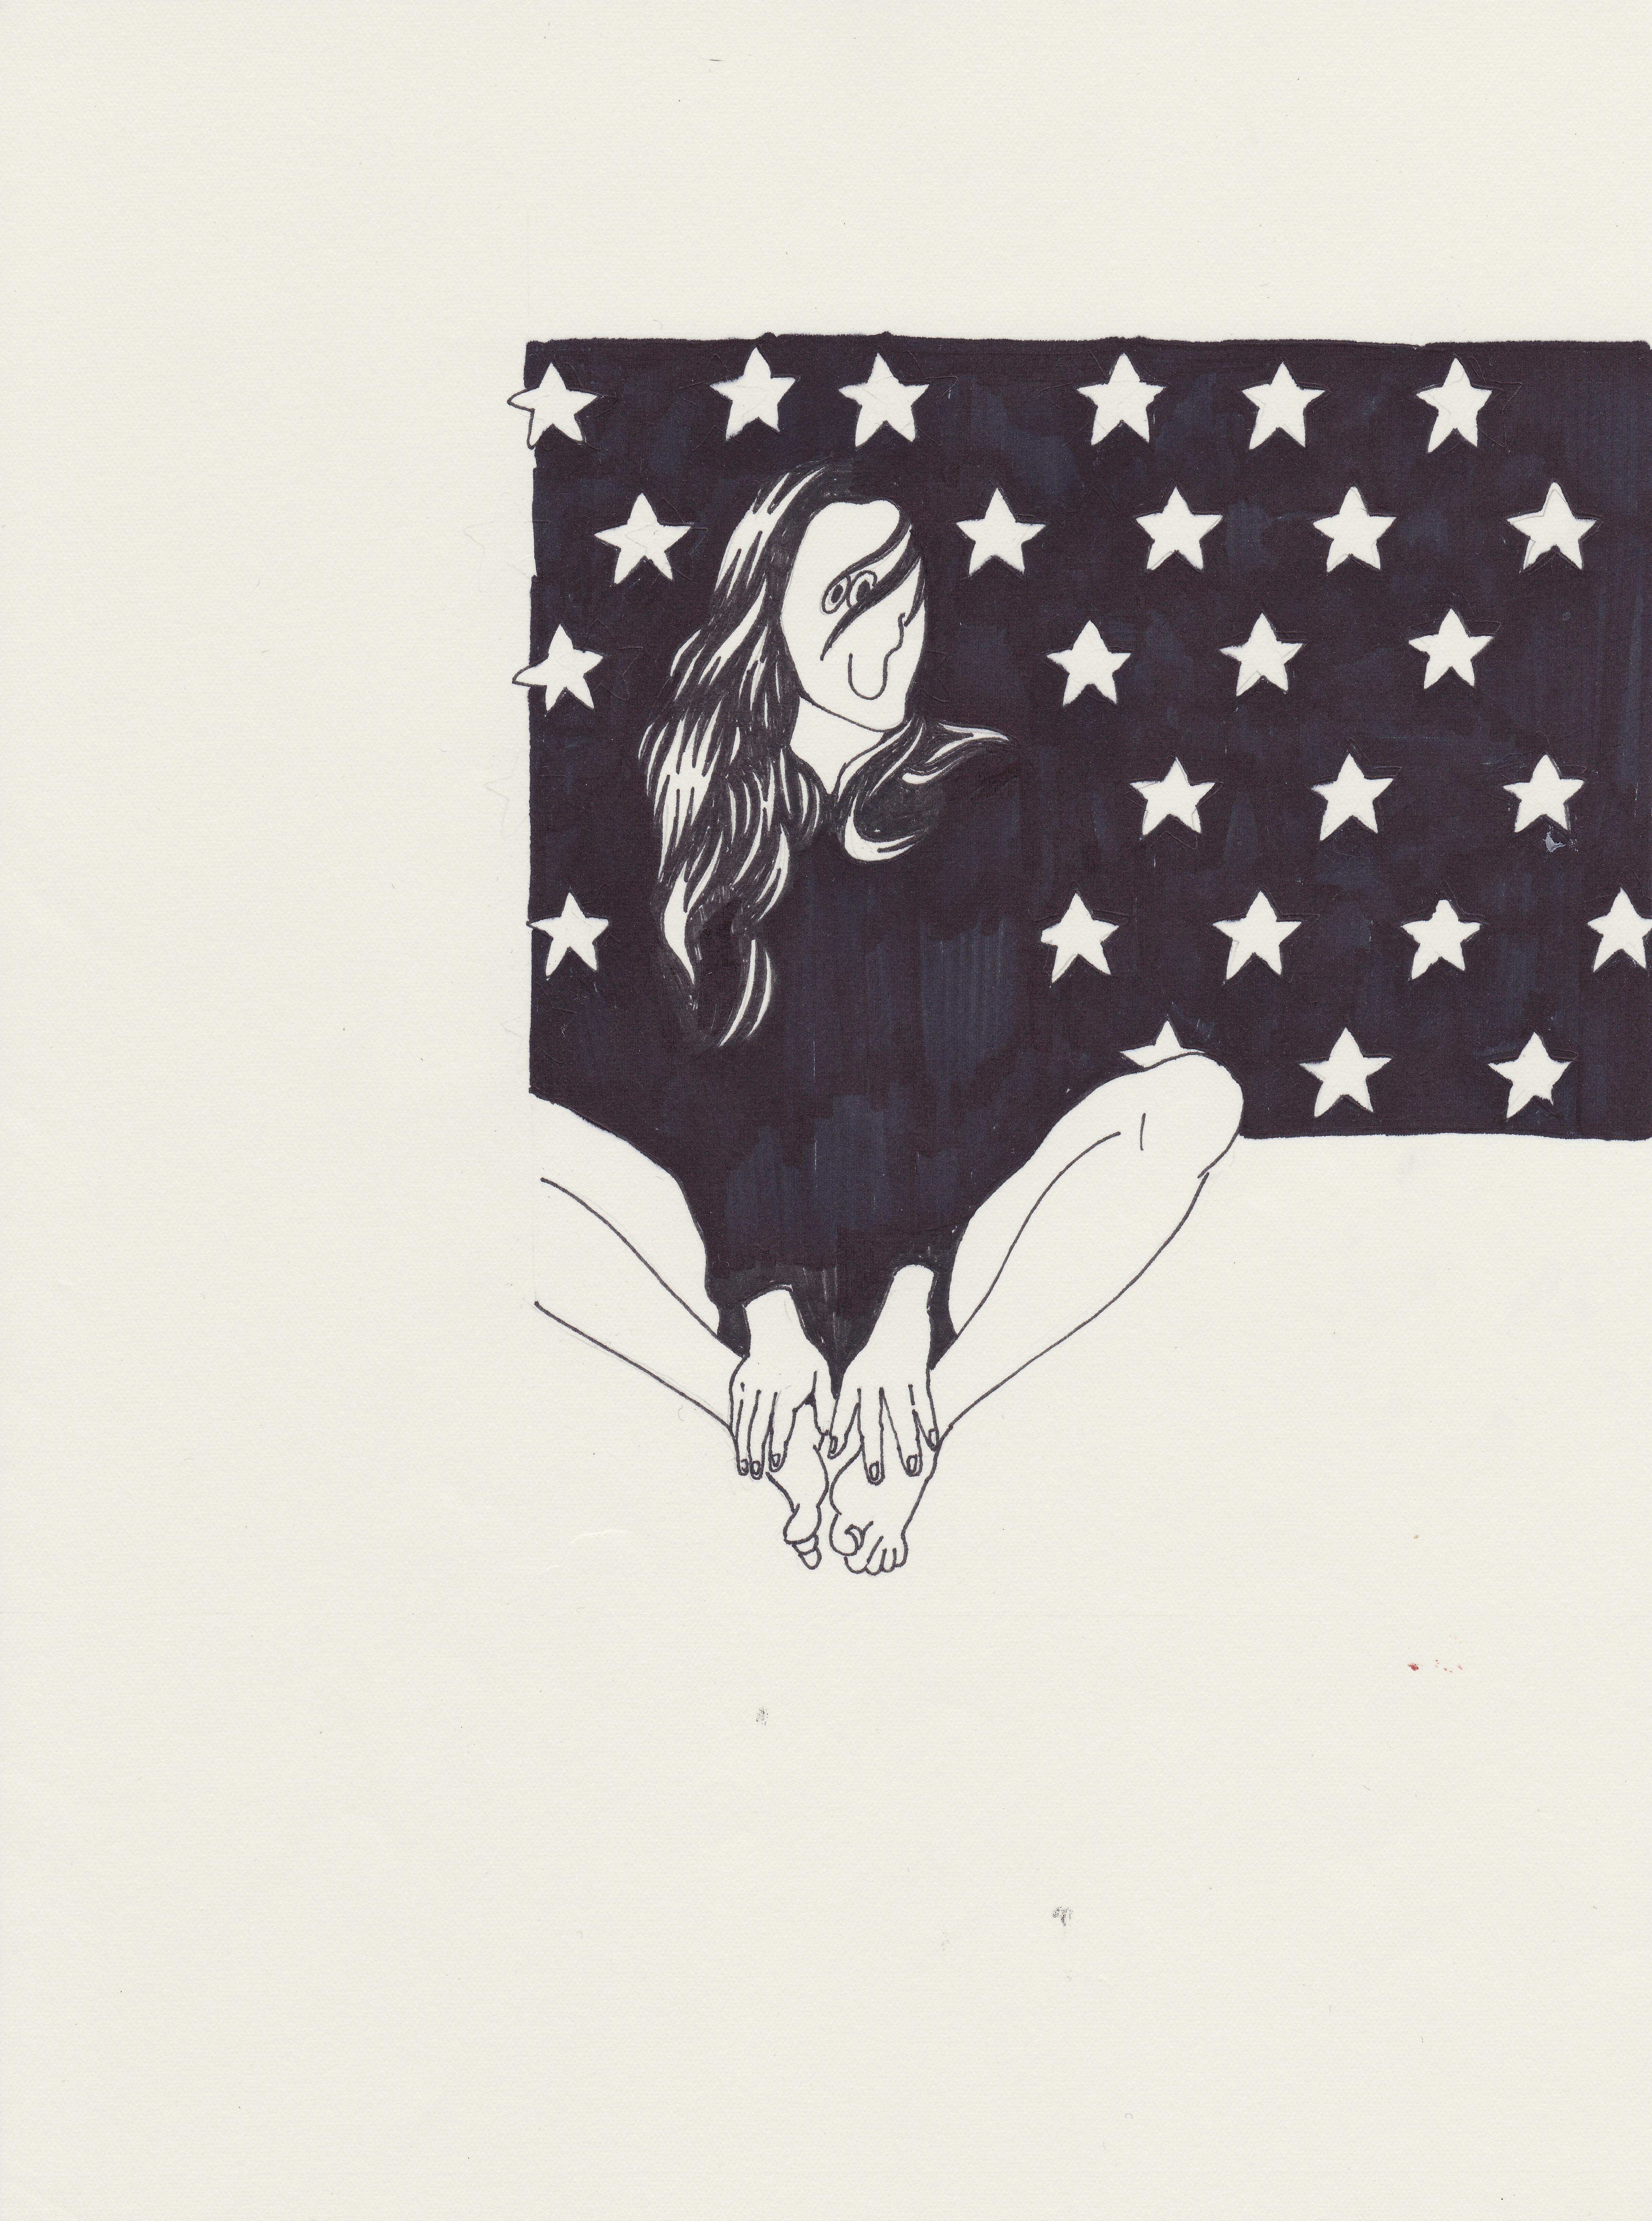 GIRL (STAR)